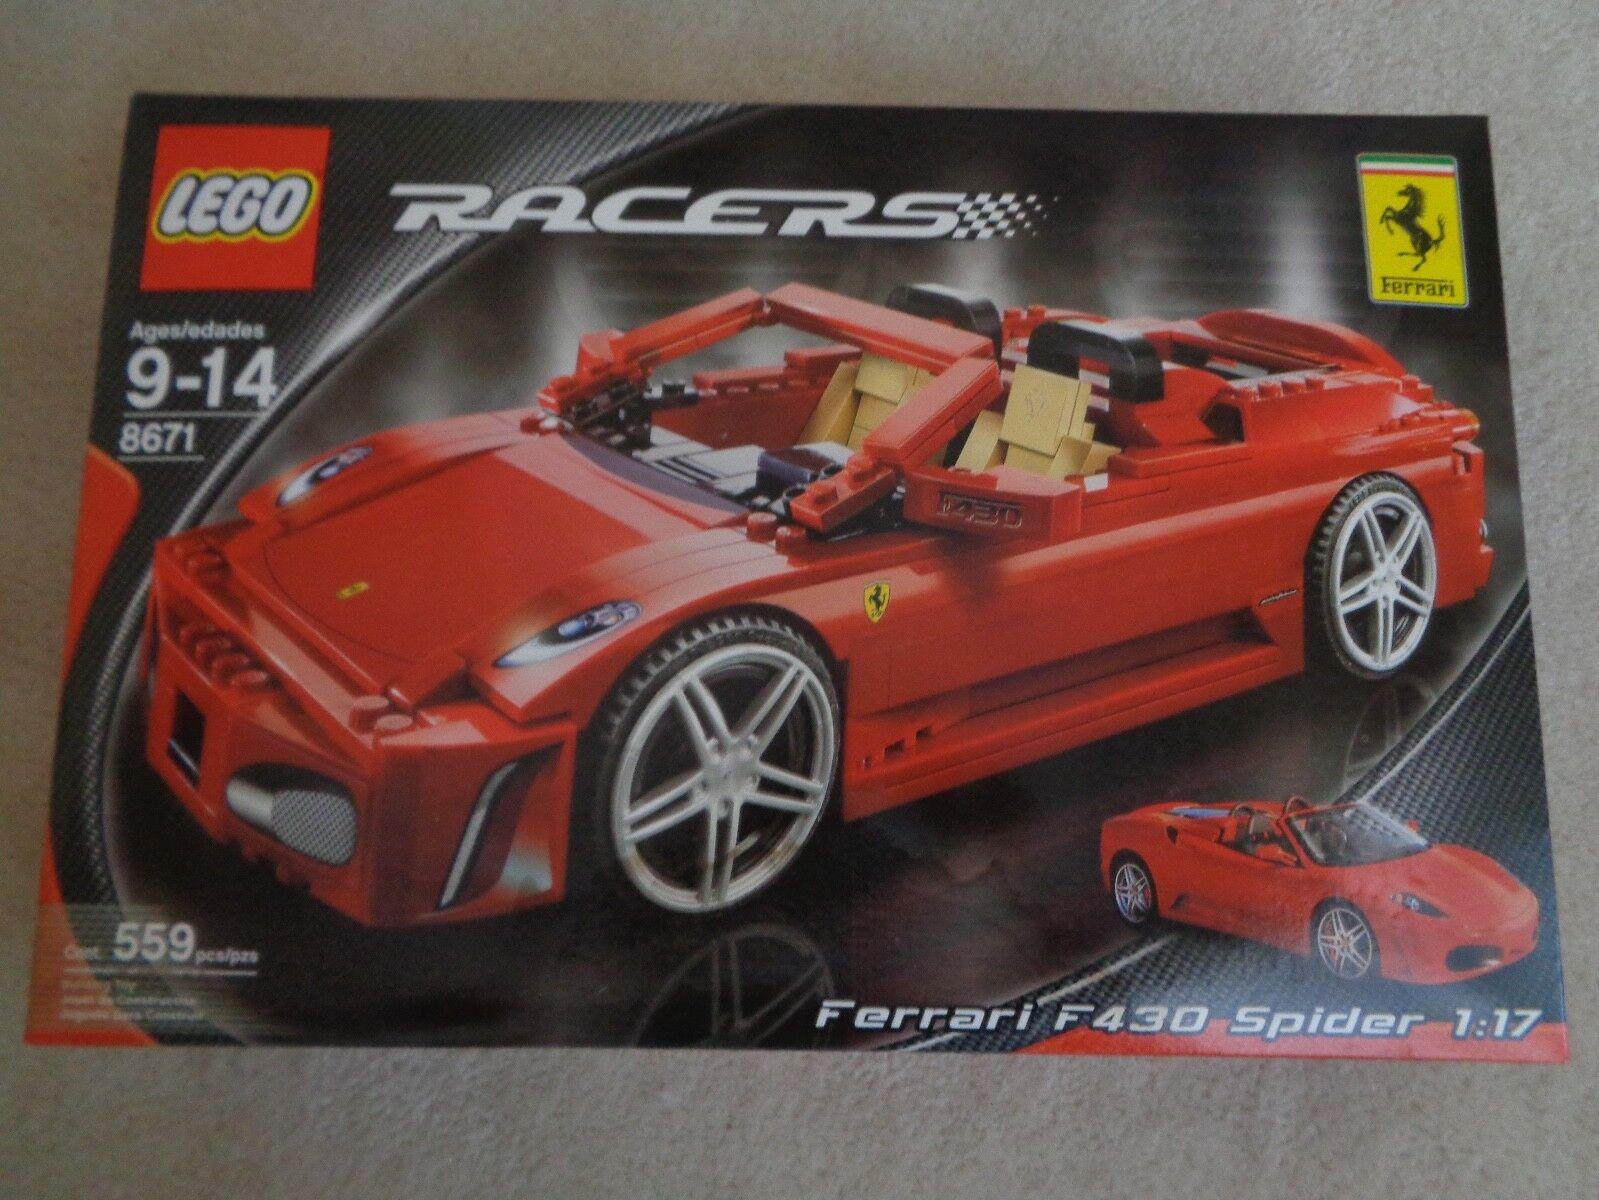 LEGO Racers 8671 Ferrari  F430 Spider 1 17, 9-14 Ans, 559 Pcs, Neuf et Scellé  service honnête